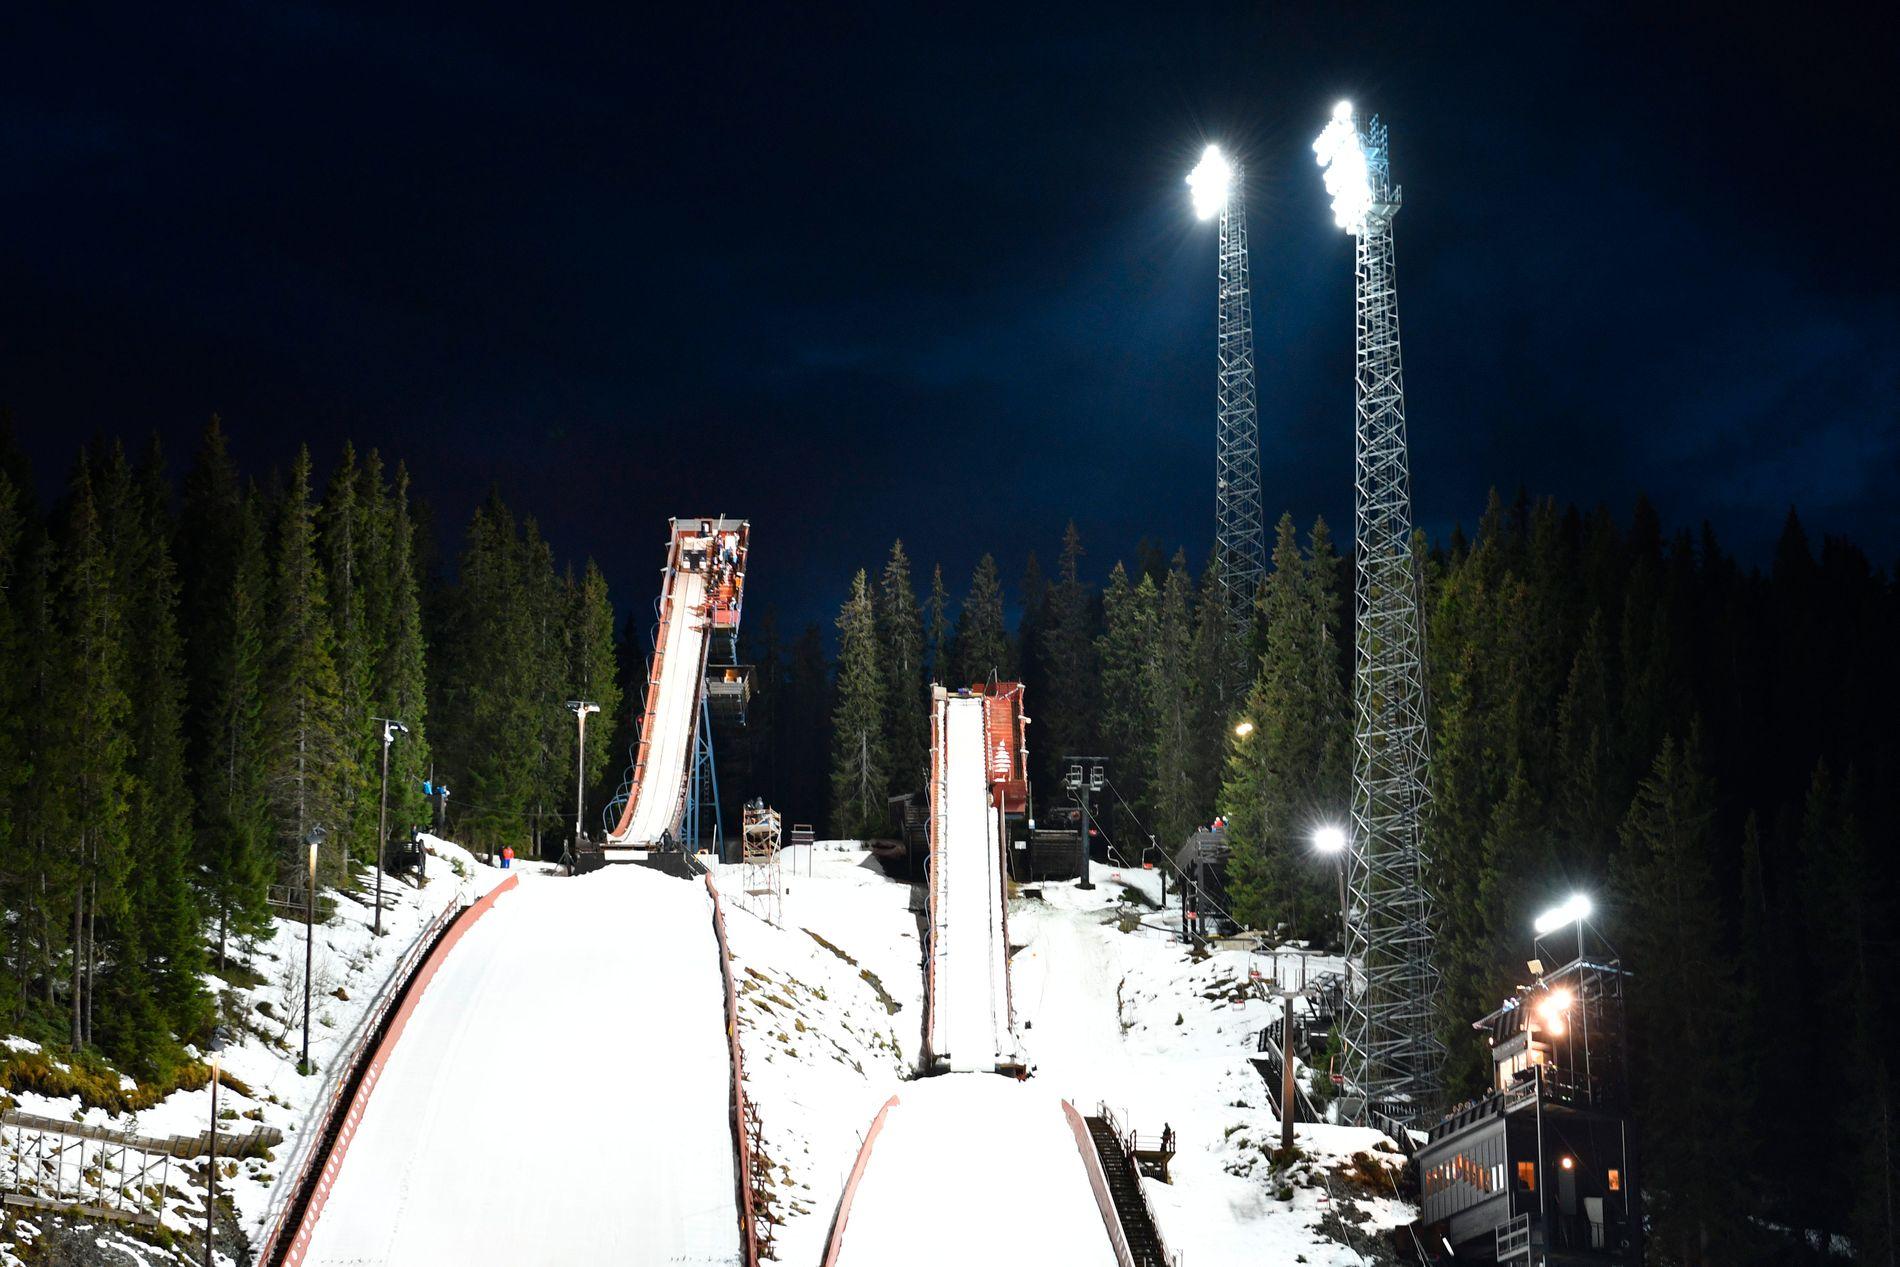 HOPPER I DET IGJEN: Trondheim vil gjerne ha Ski-VM i Granåsen. Nå ber kommunen Norges skiforbund søke mesterskapet 2025 på vegne av Trondheim.